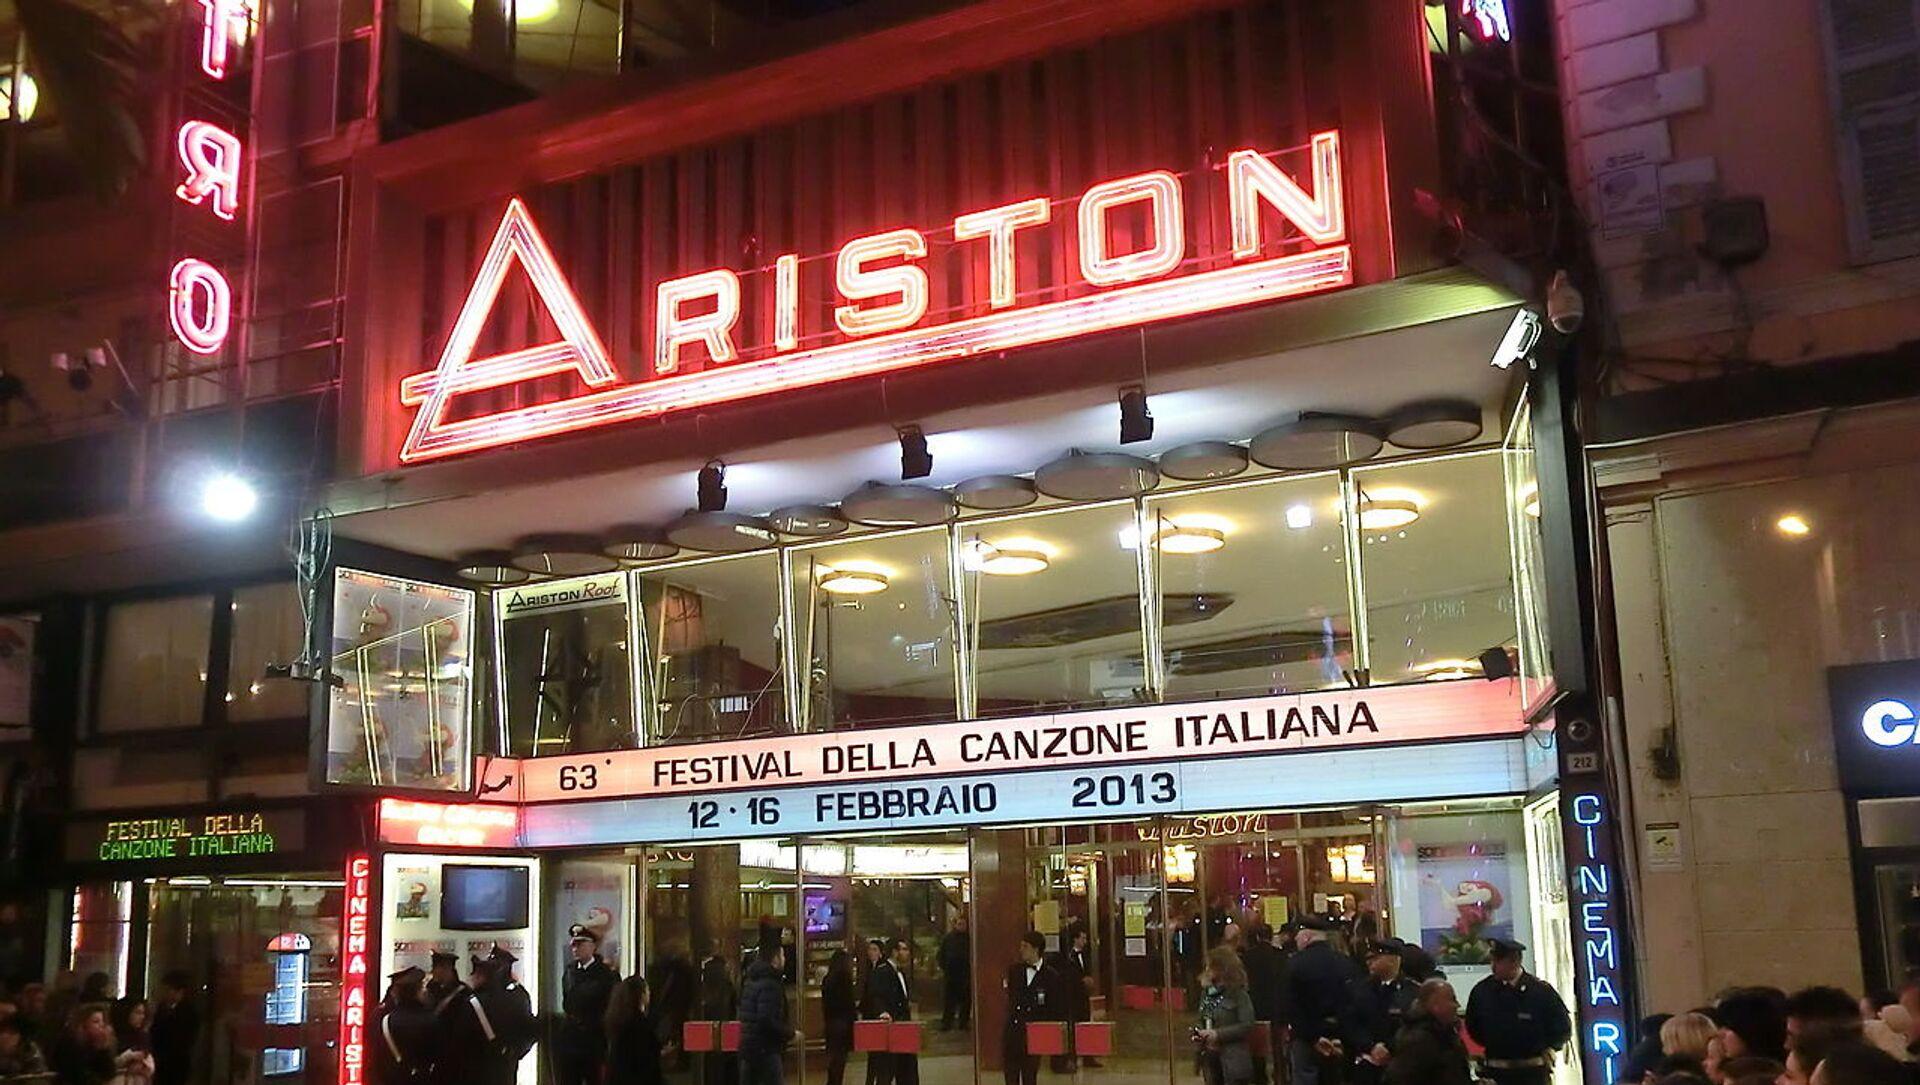 Teatro Ariston - Sanremo - Sputnik Italia, 1920, 06.02.2021